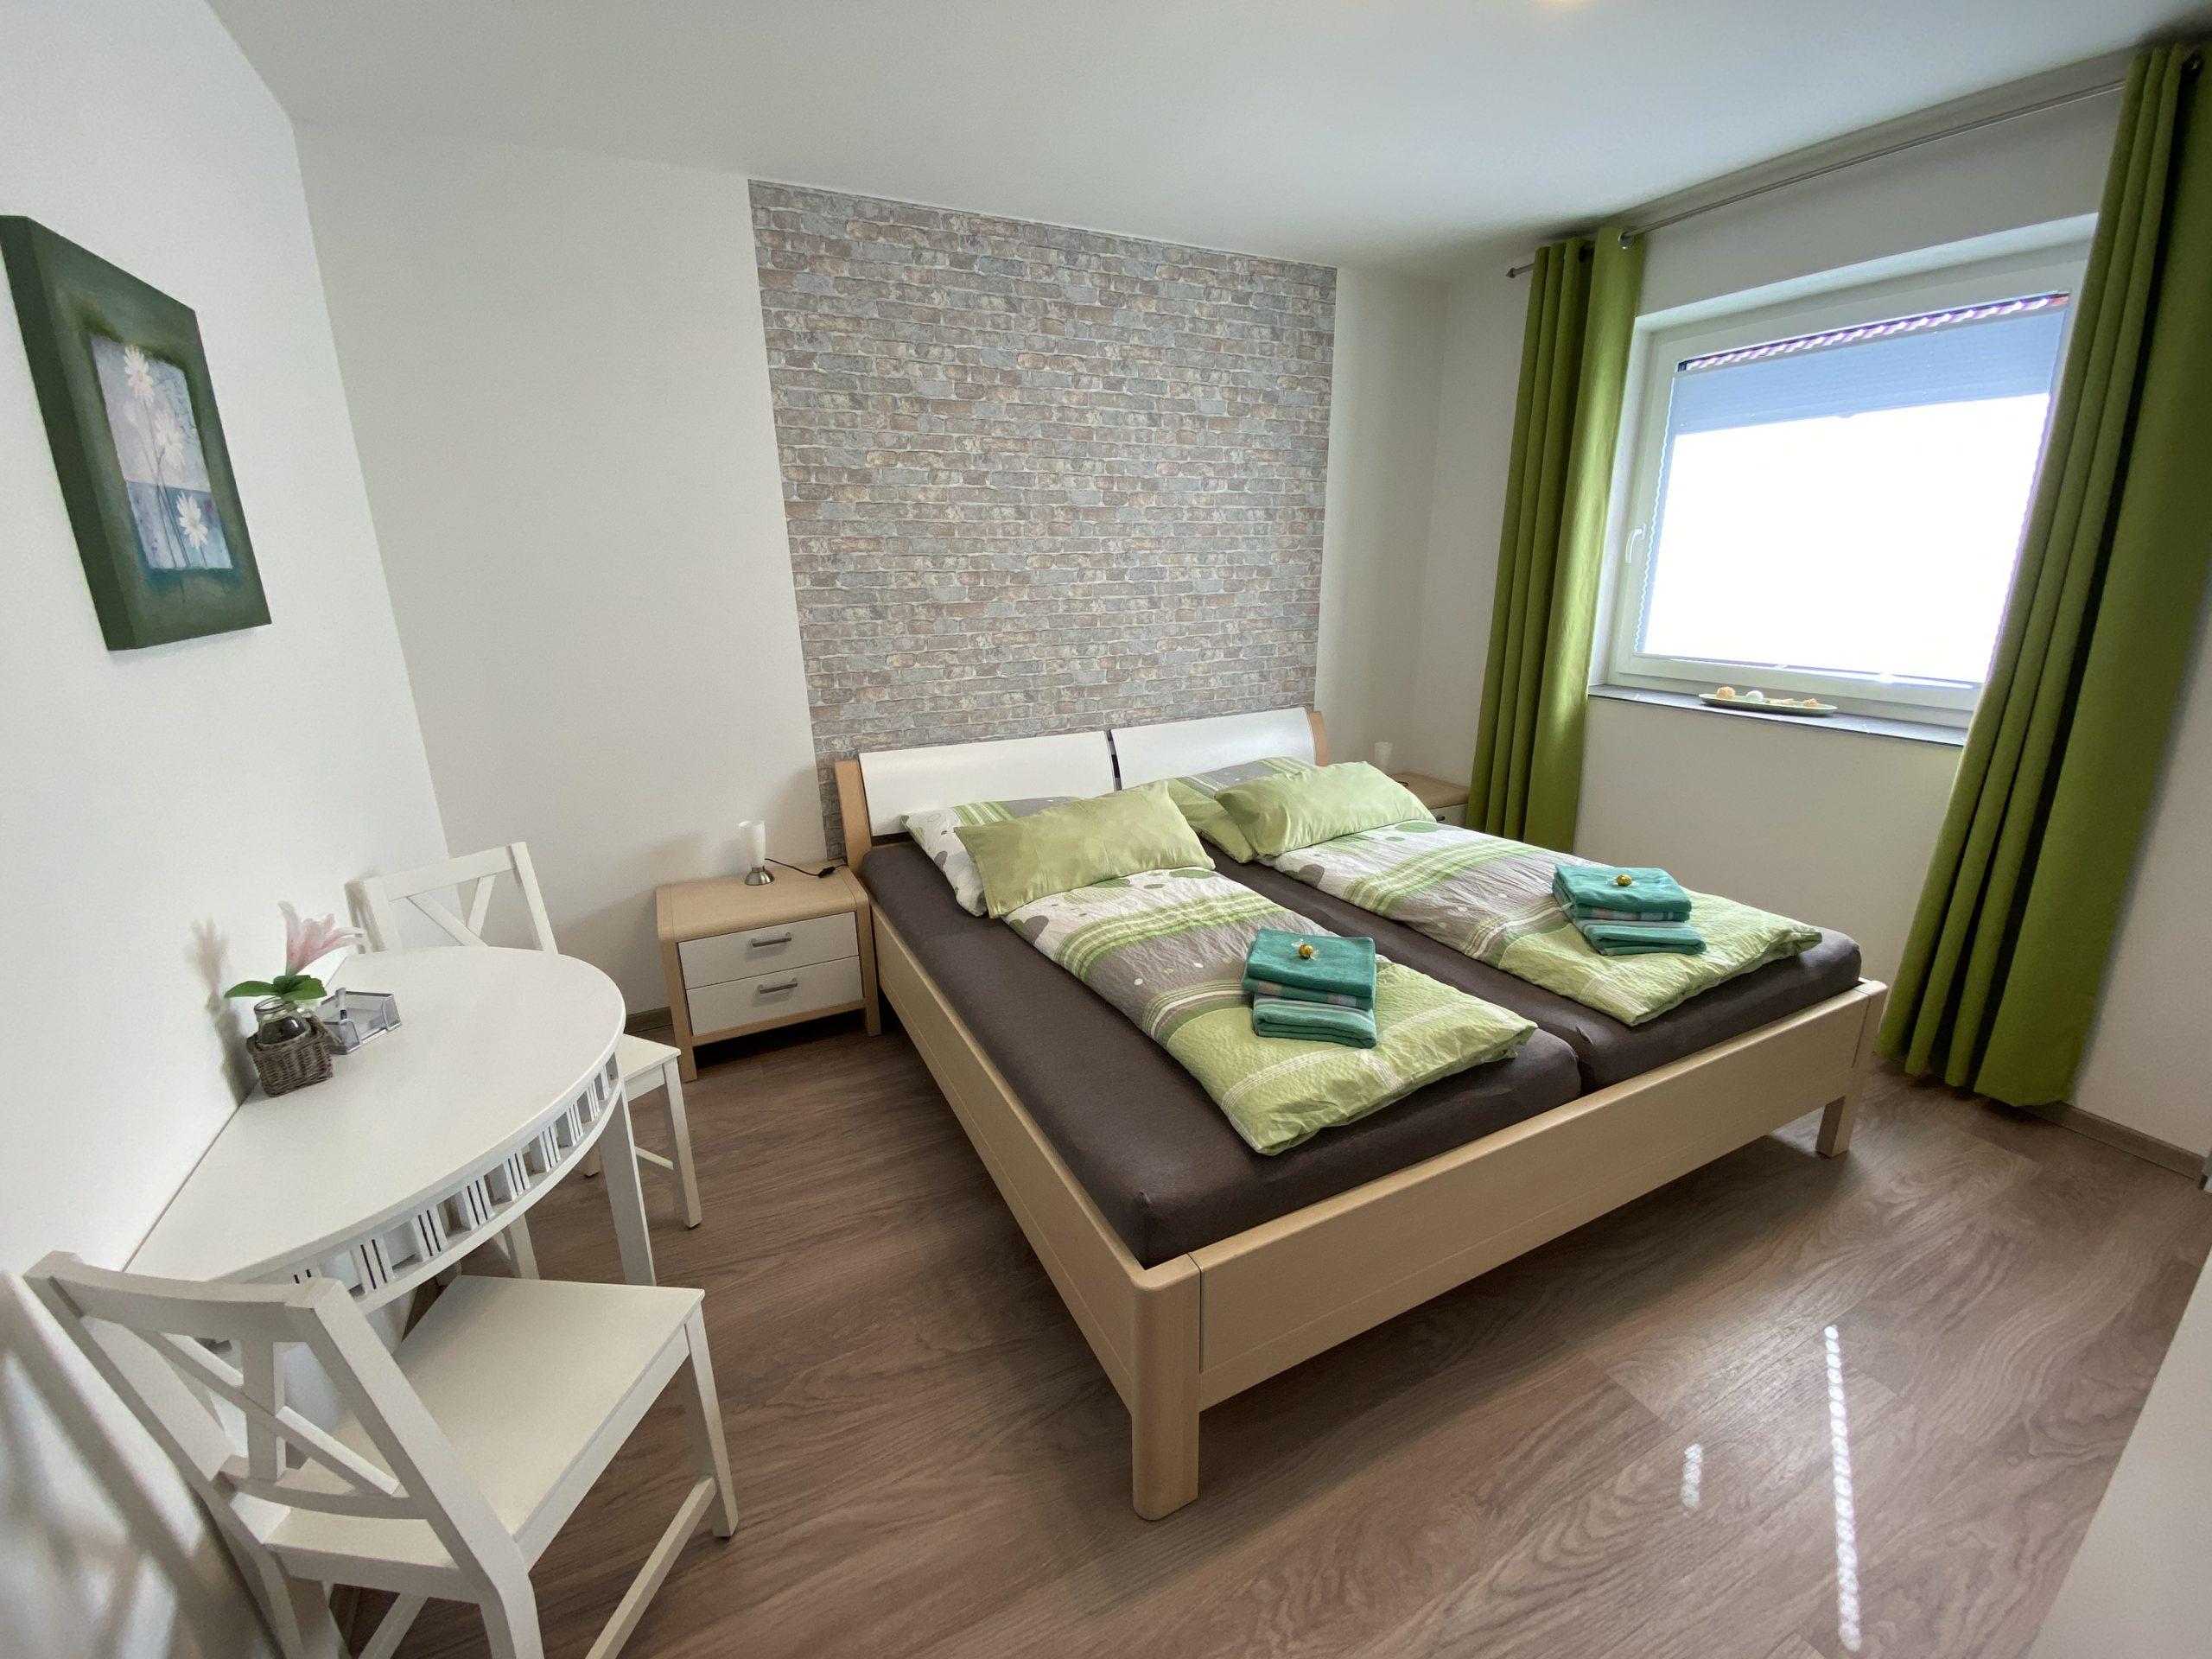 Dieses Schlafzimmer ist ca. 14 m² groß. Im Schlafzimmer befinden sich ein Doppelbett mit 200x200 cm und 2 Nachtschränke mit Nachttischlampen und einem Kleiderschrank. Der Raum wird bei Bedarf mit einem Verdunkelungsvorhang verdunkelt.